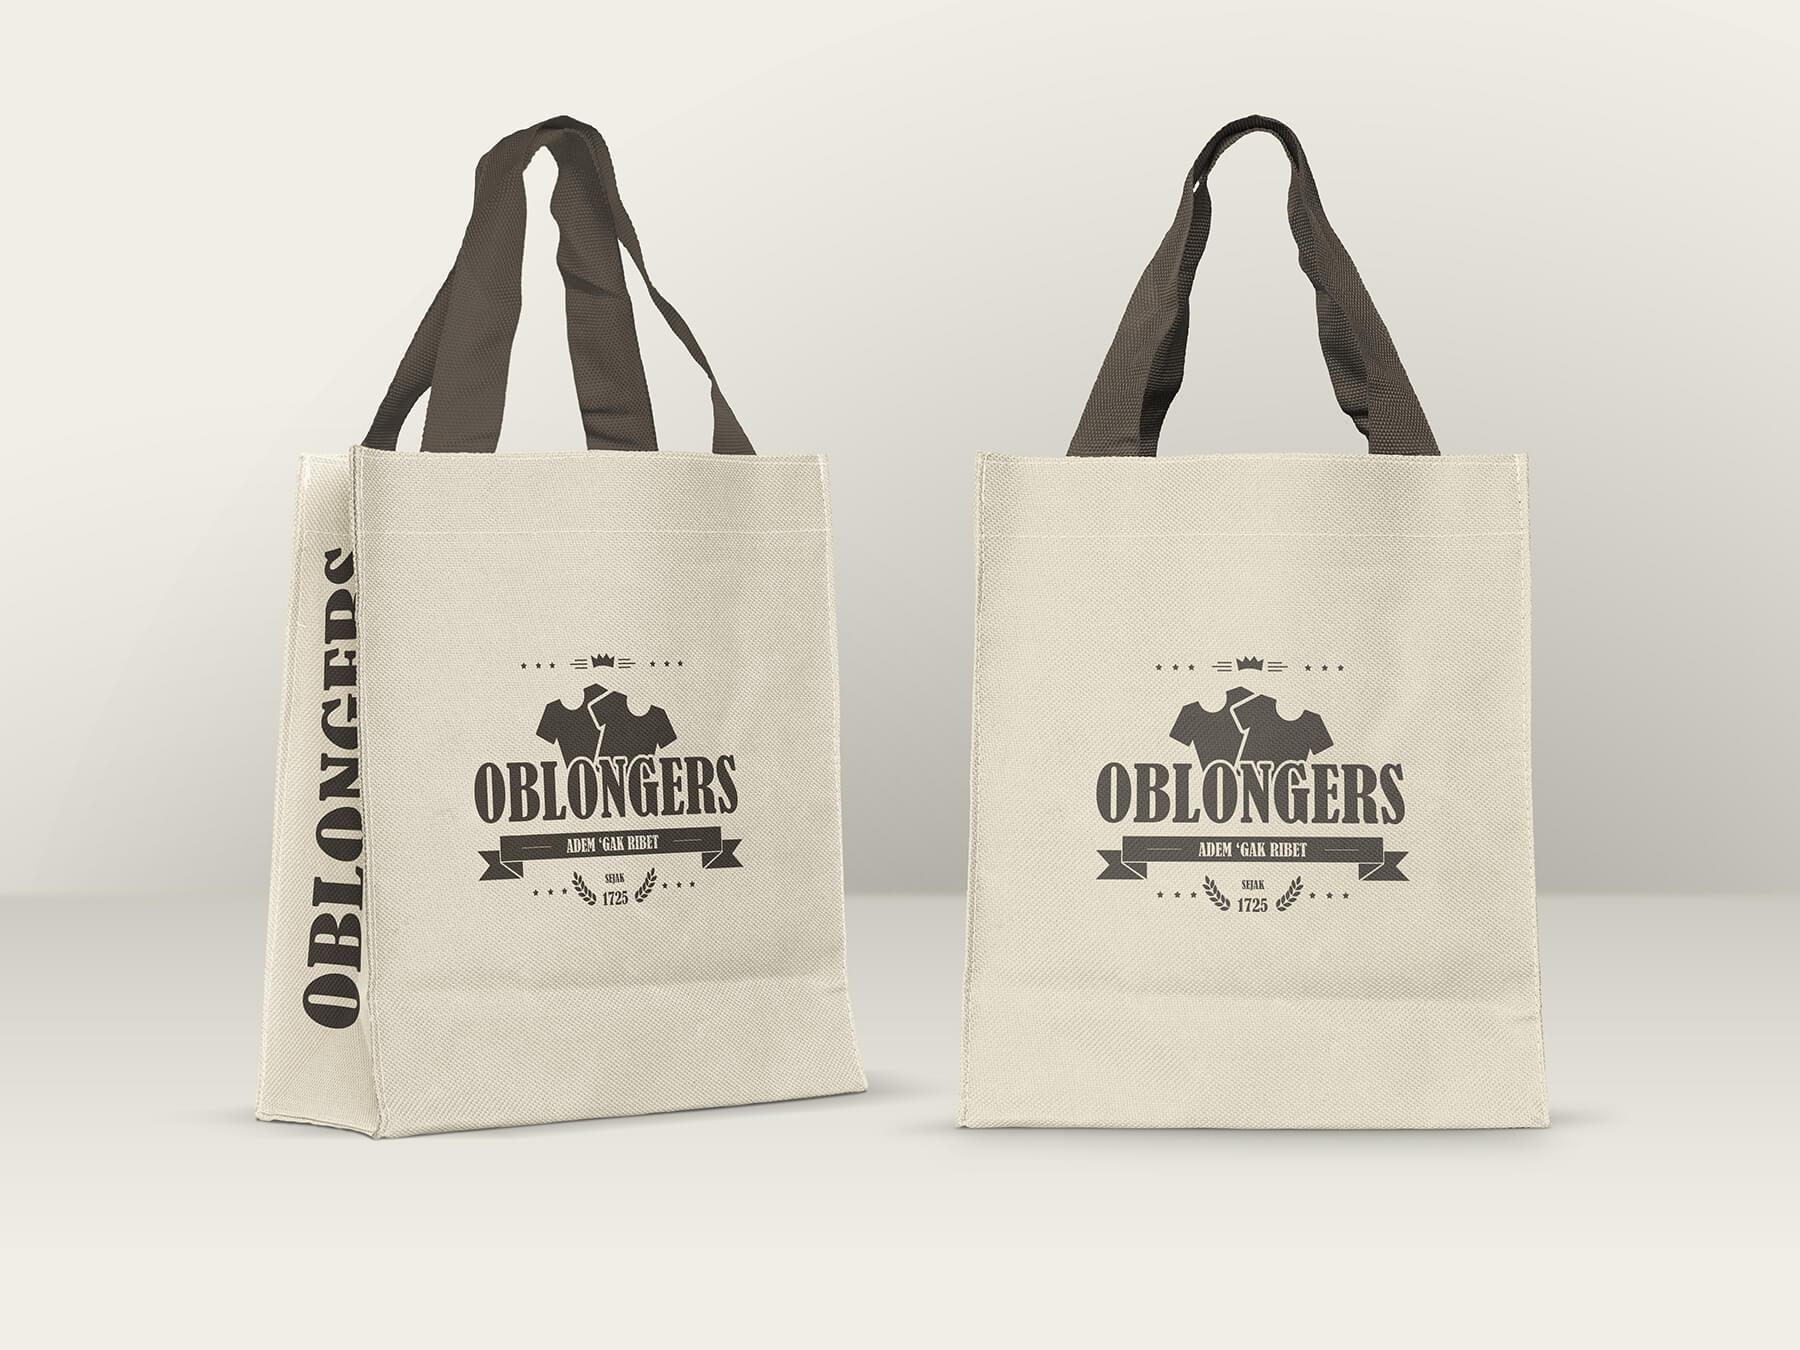 Download 55 Bag Mockup Psd Free And Premium Mockup Download Bag Mockup Cotton Bag Free Packaging Mockup